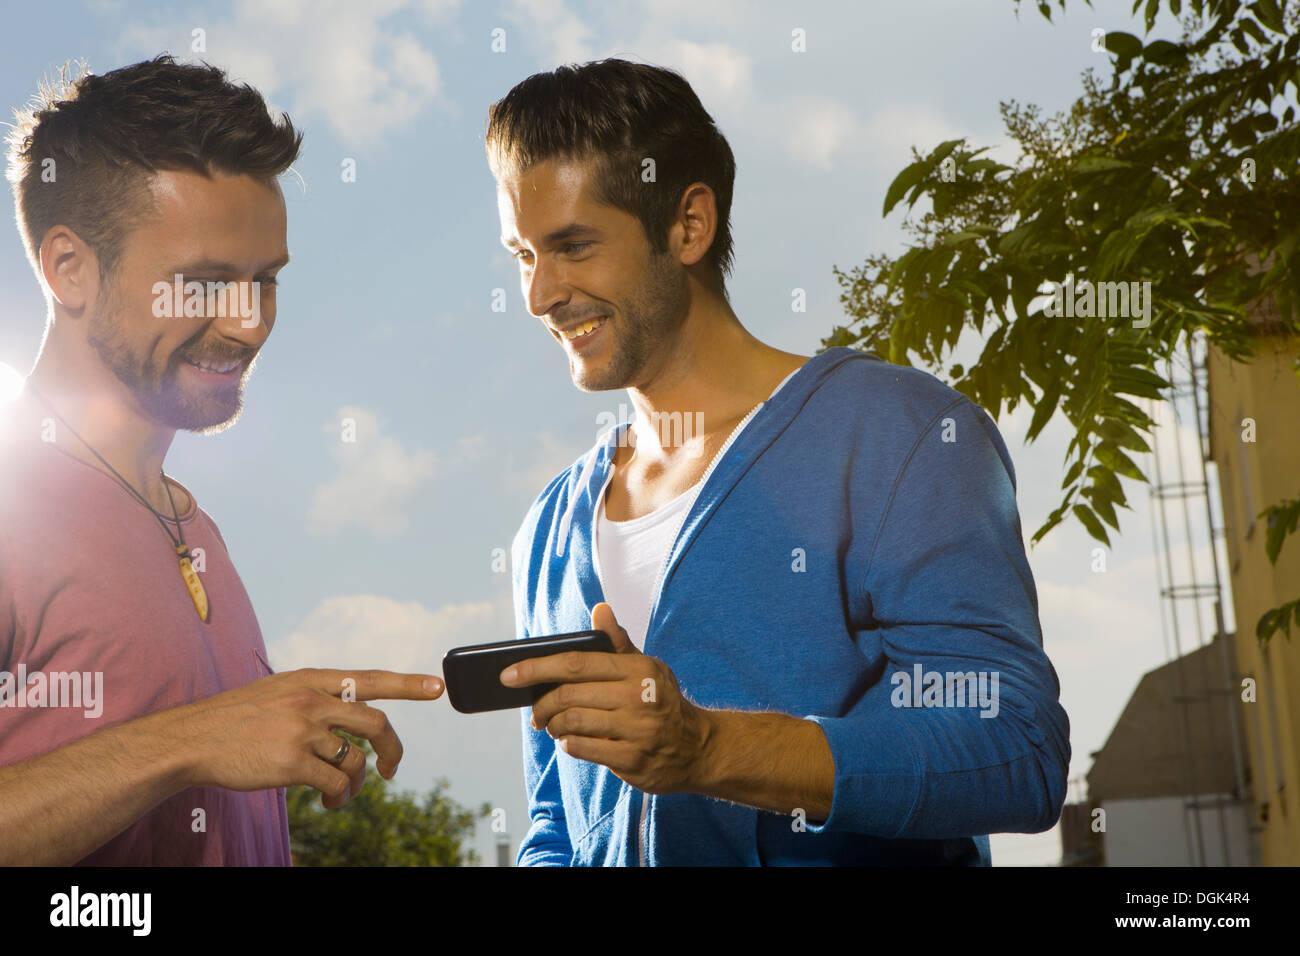 Deux hommes avec cell phone Photo Stock